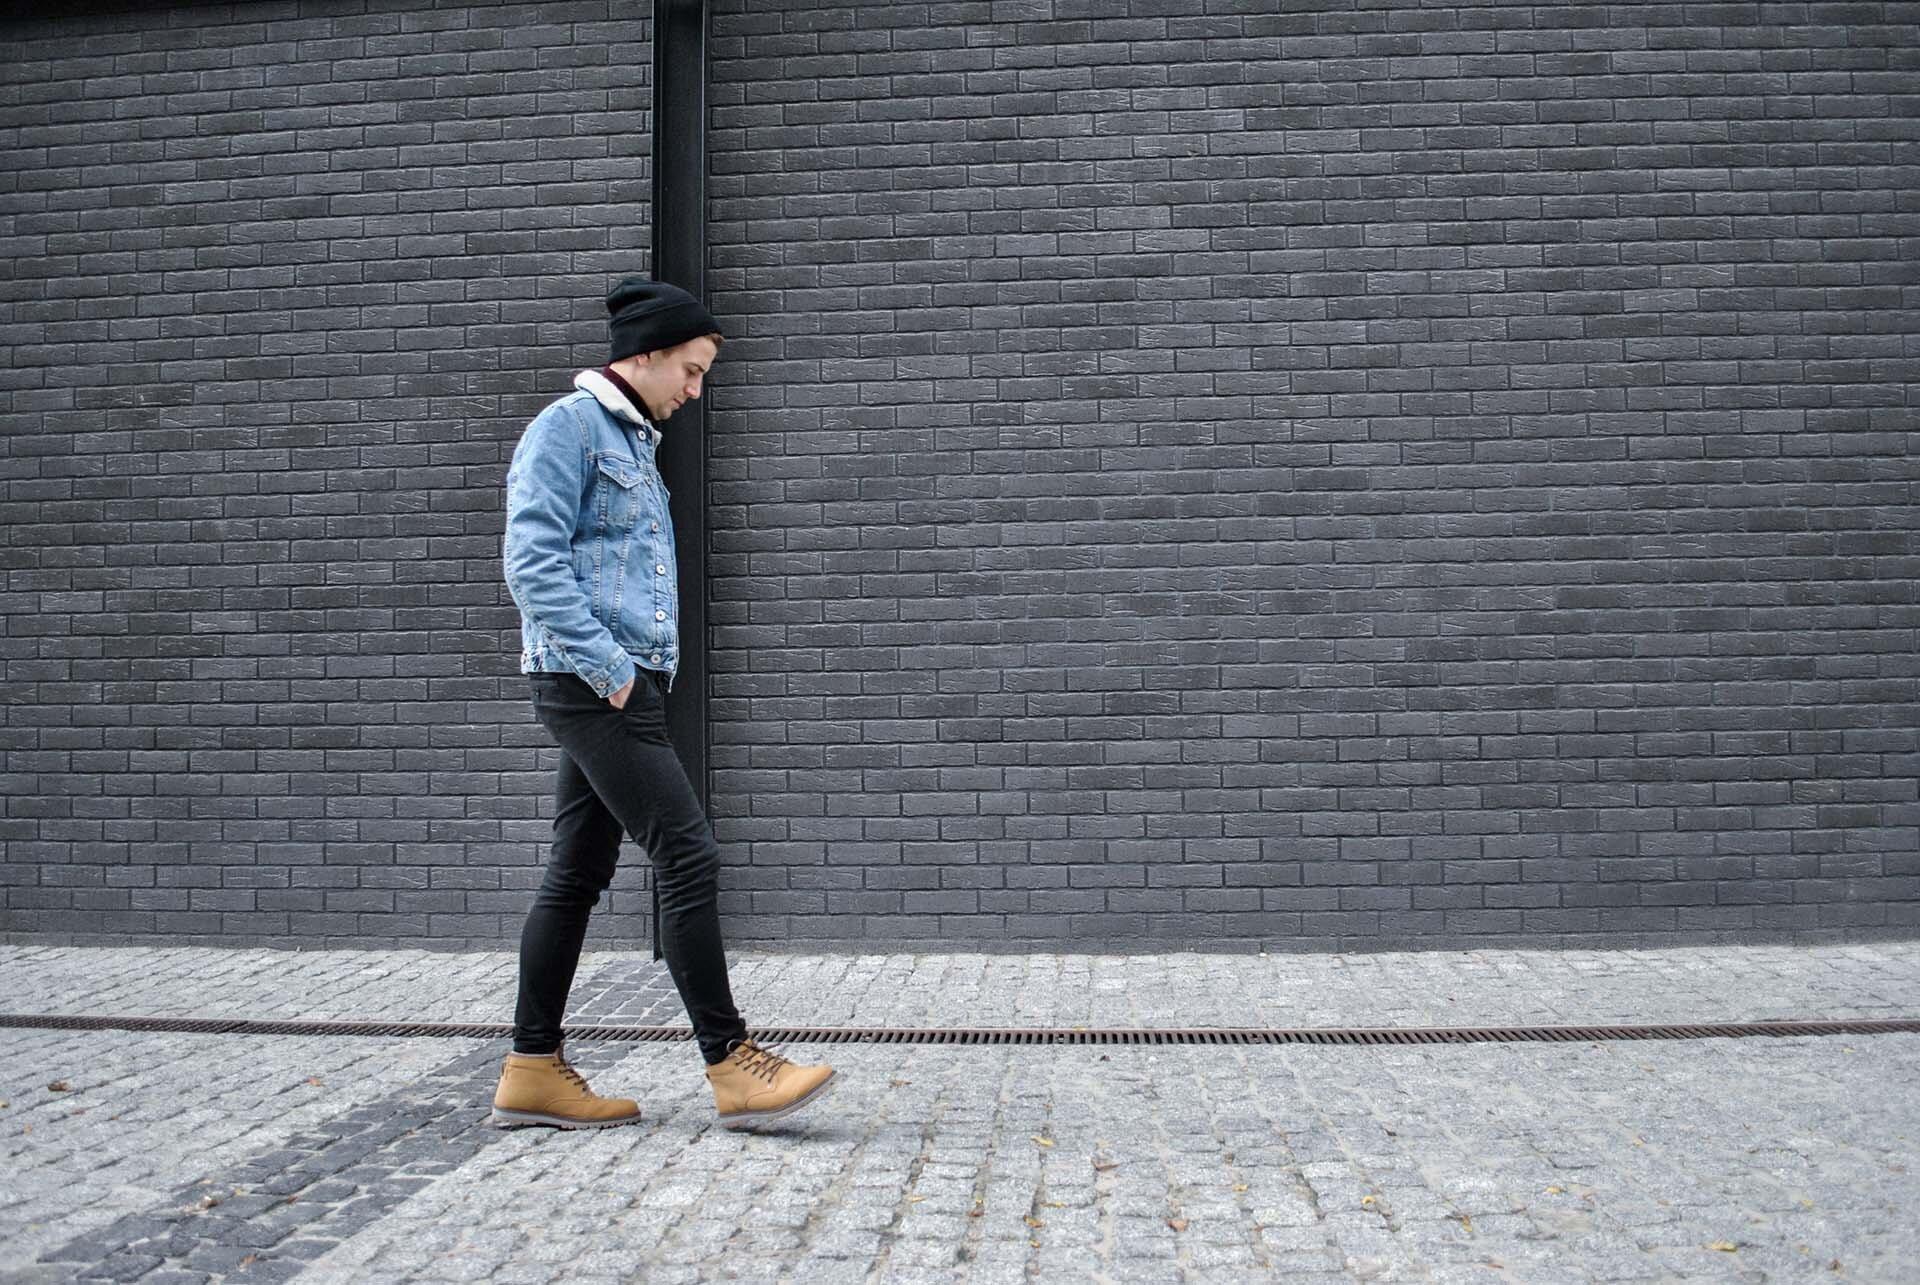 GMALE by Grzegorz Paliś, blog o modzie męskiej, Kurtka dżinsowa z kożuchem, Kurtka jeans§owa, Bordowy golf, Casual